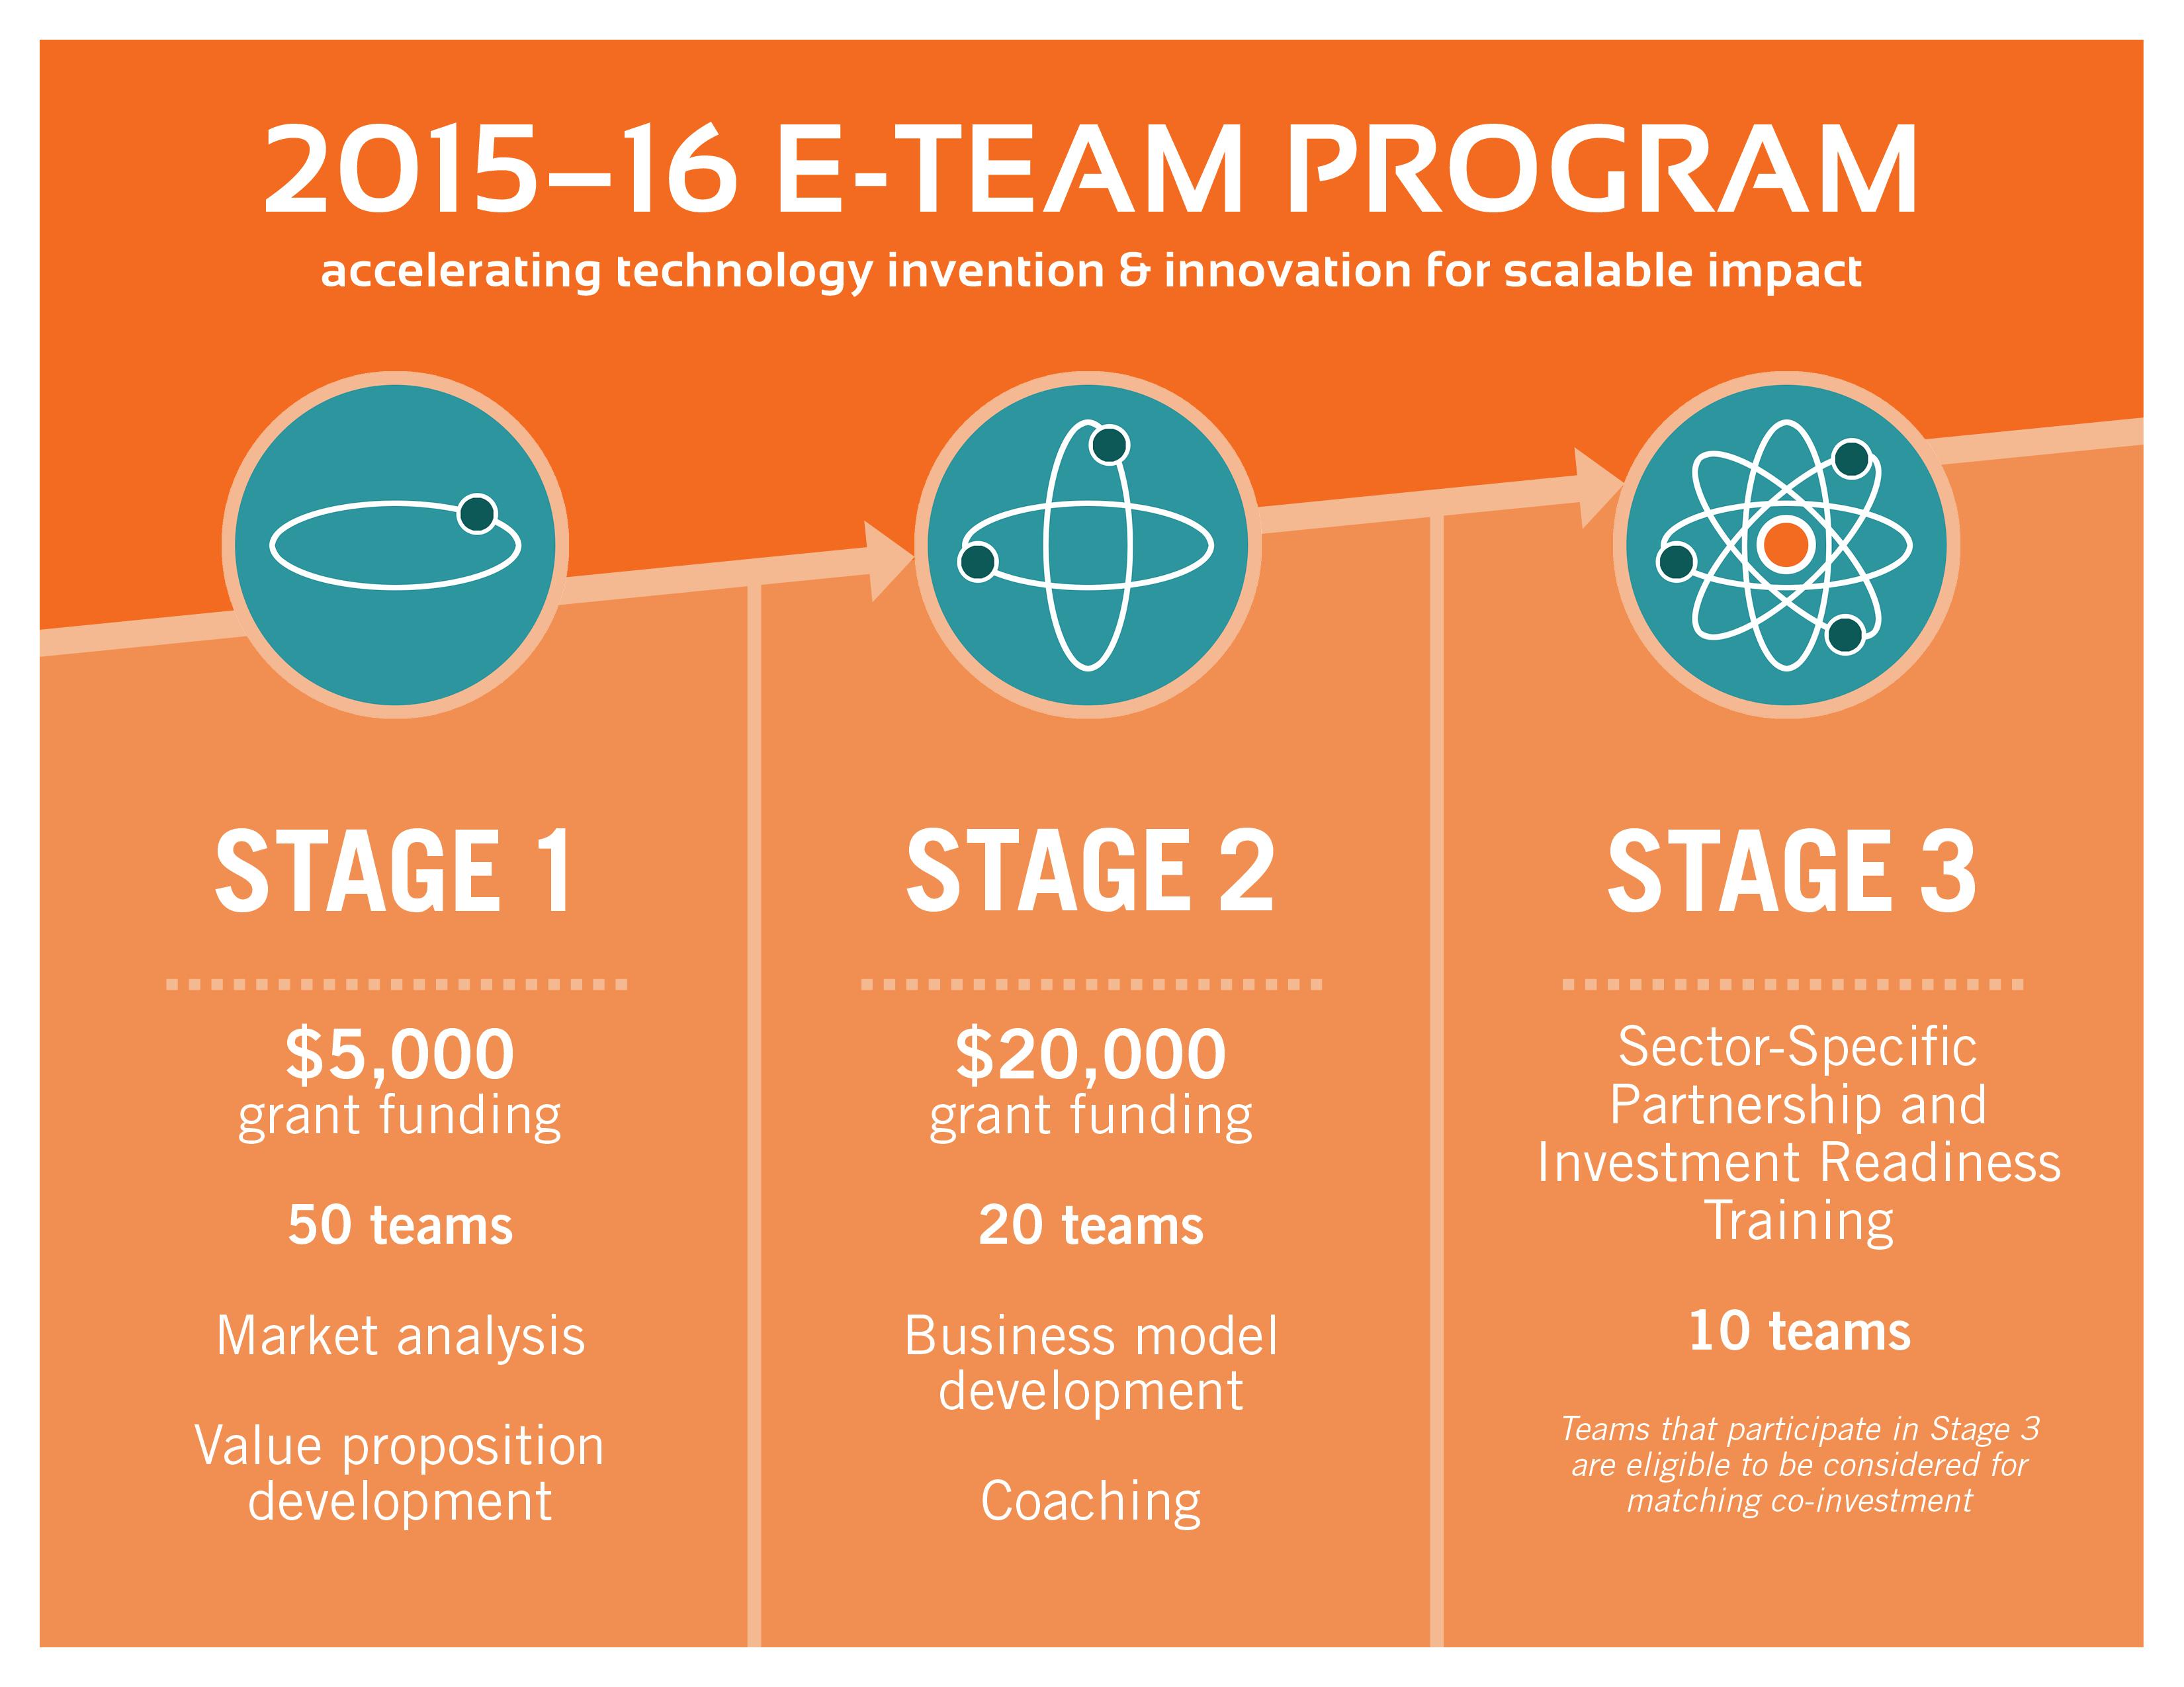 e-team_2015-2016_program4